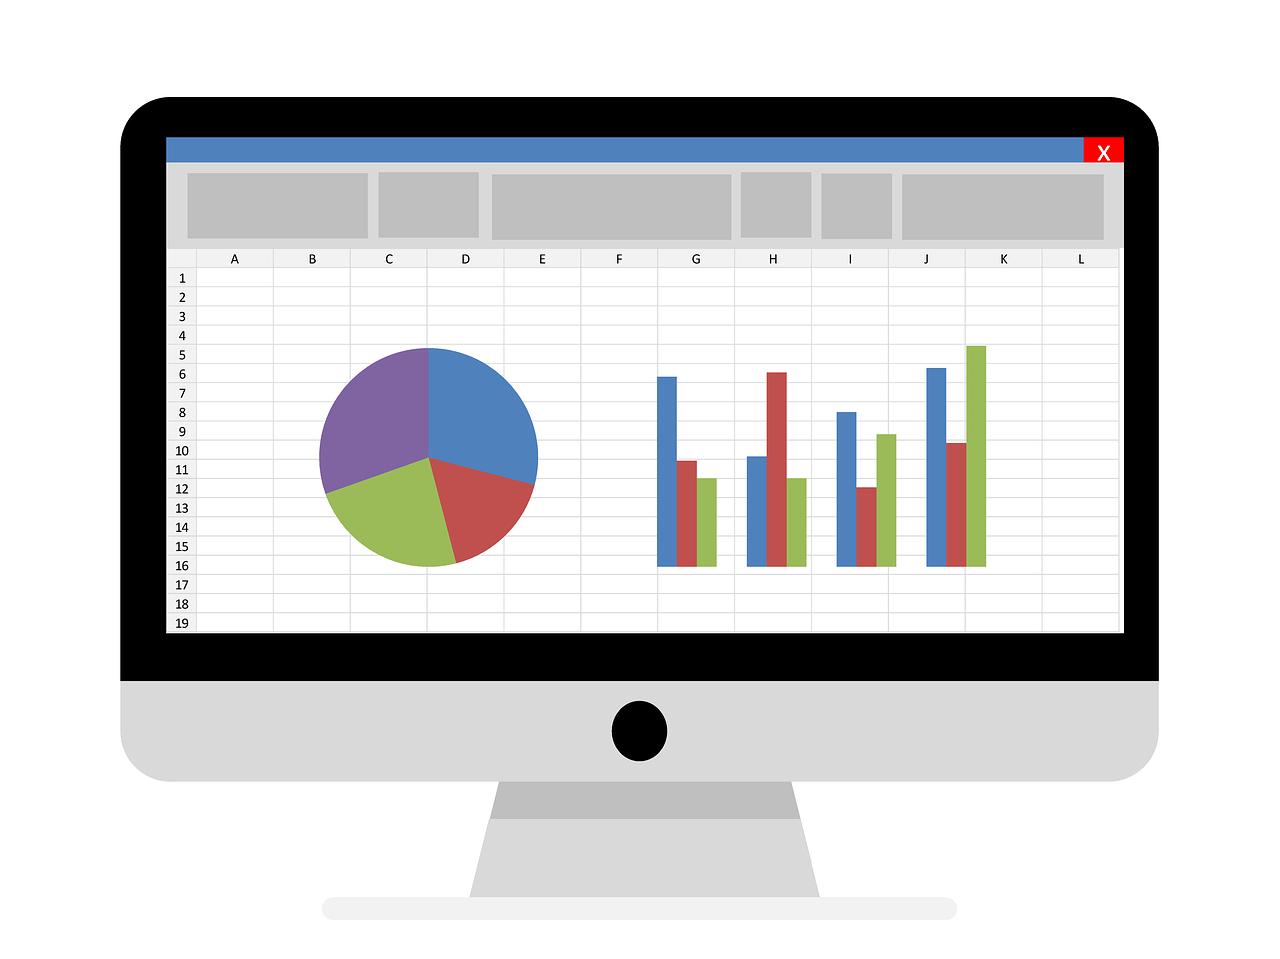 会社で、Excelを使い、業務データベースを作り、失敗しないで導入するには?